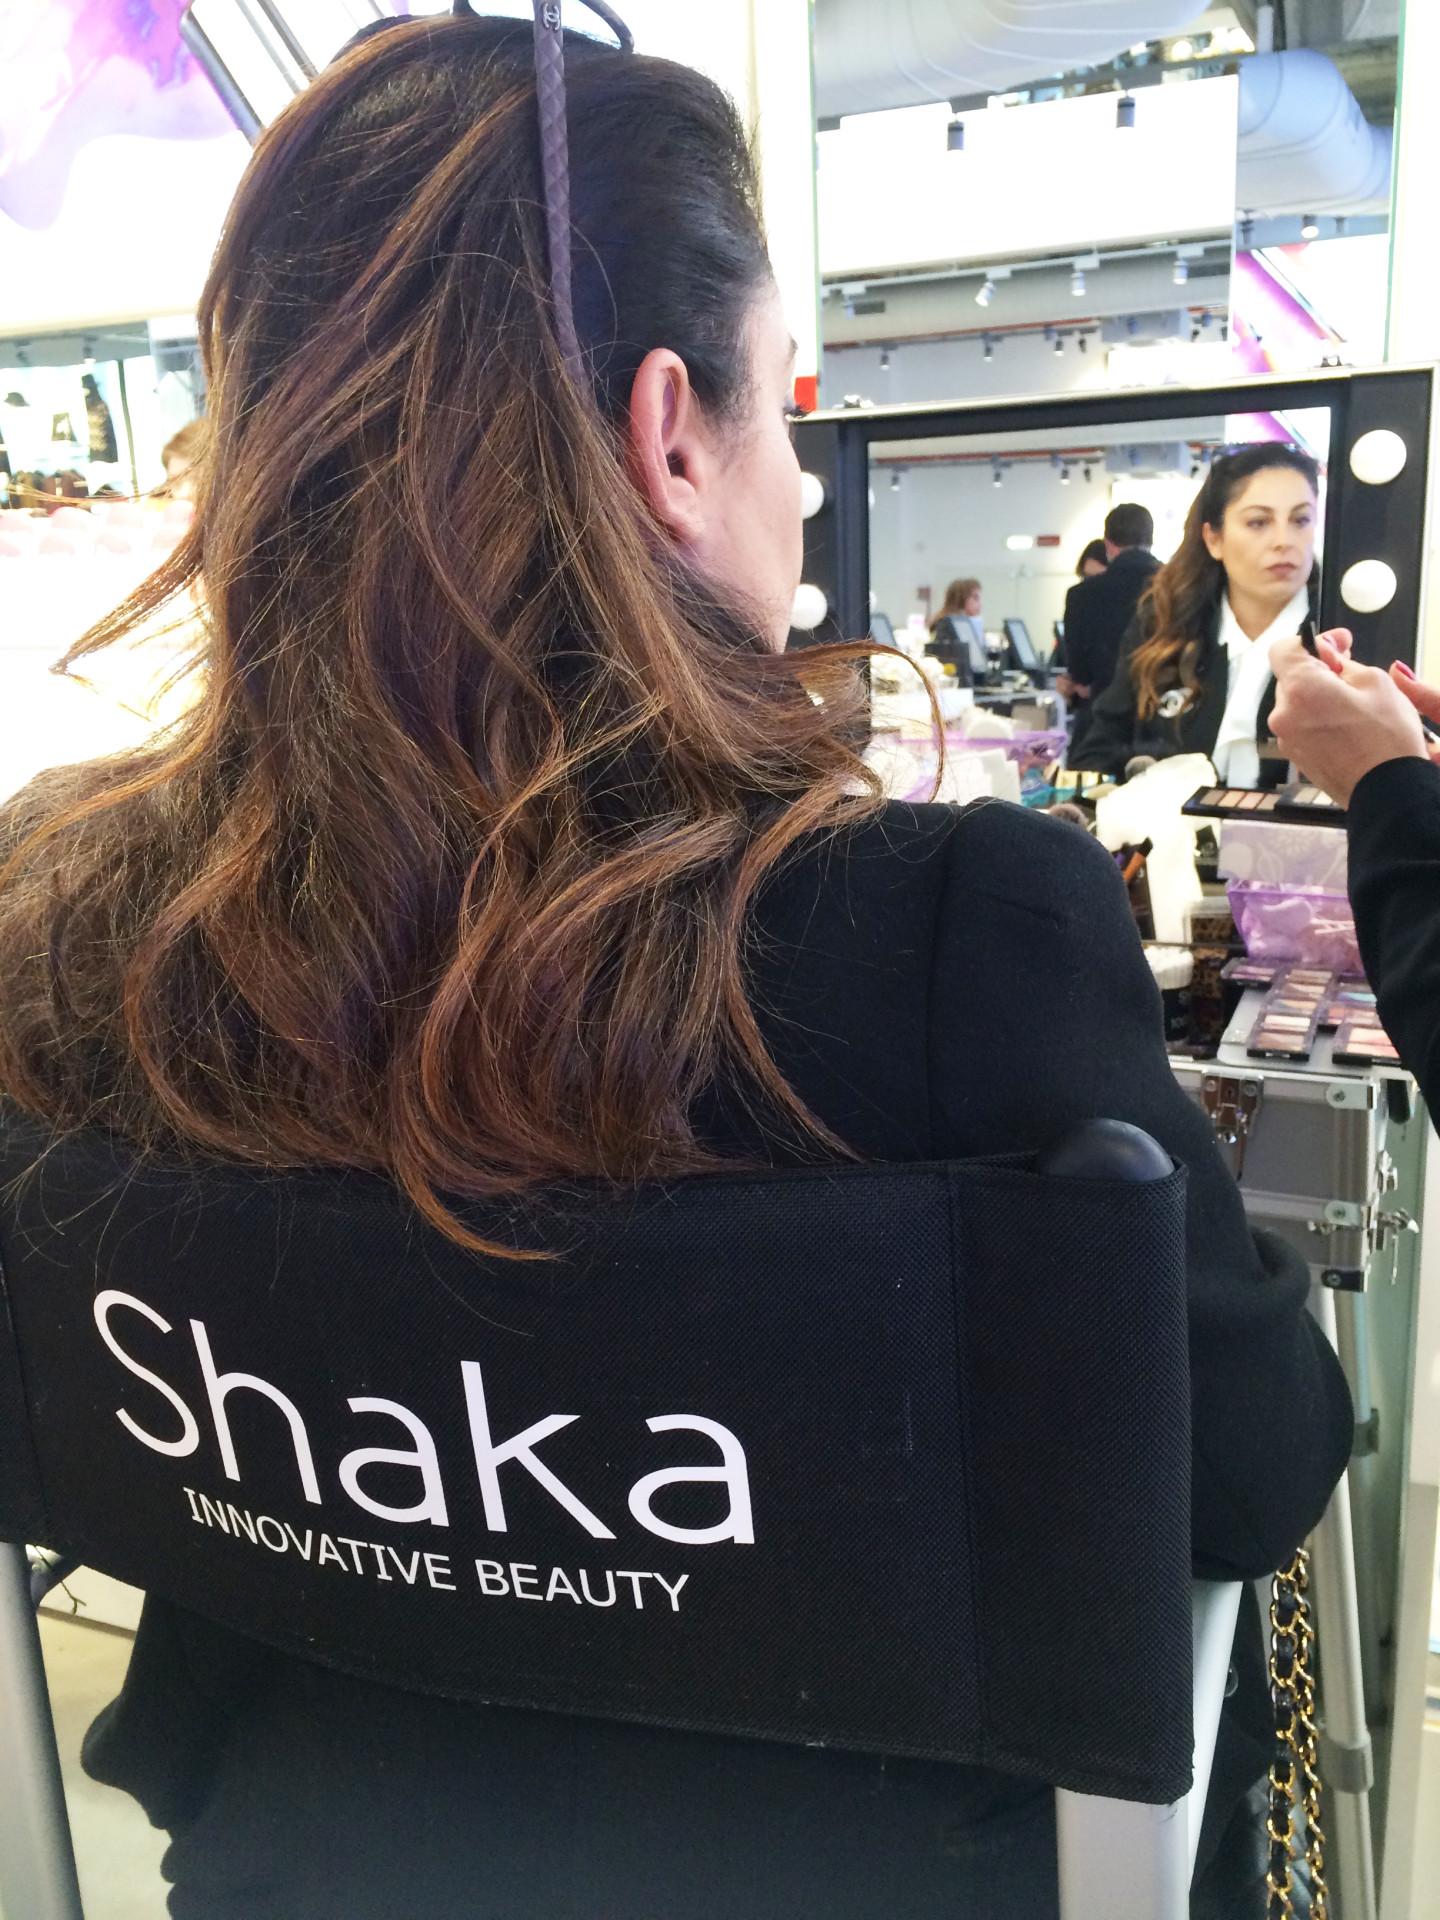 SHAKA-ORIGAMI-OMBRETTI-OVS-valentina-coco-fashion-blogger-new-concept-beauty